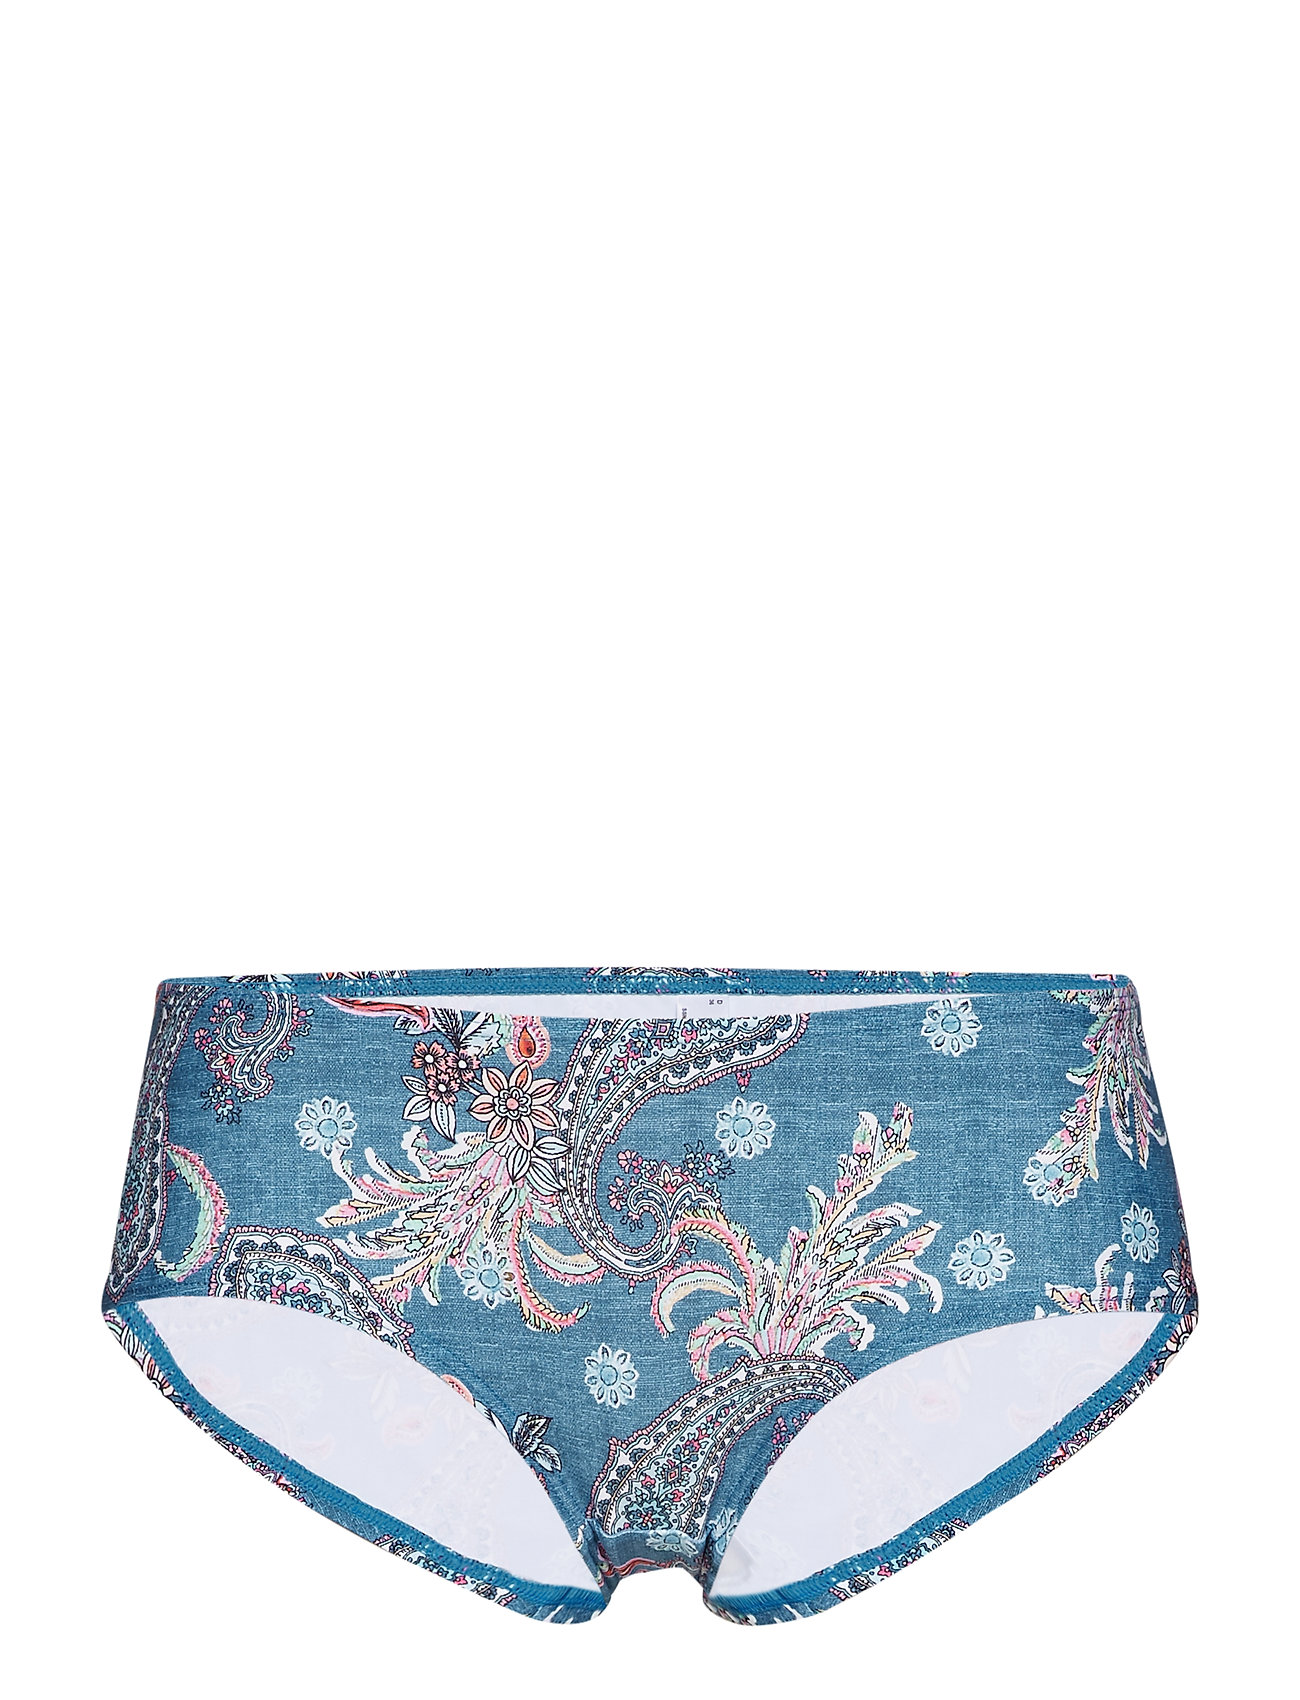 Esprit Bodywear Women Beach Bottoms - DARK BLUE